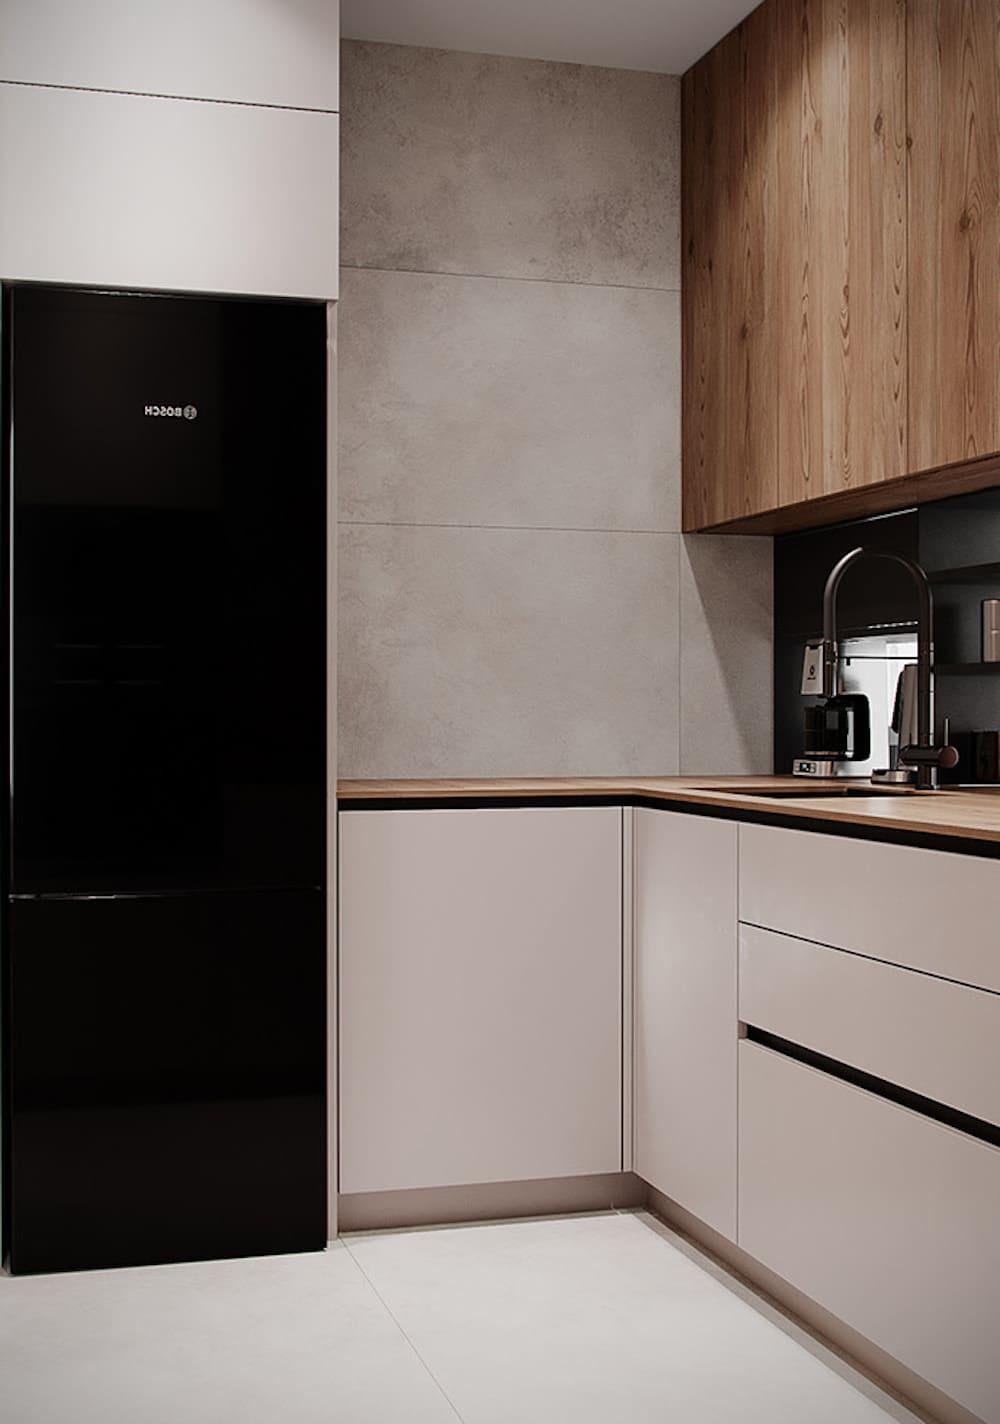 дизайн кухни в современном стиле фото 69